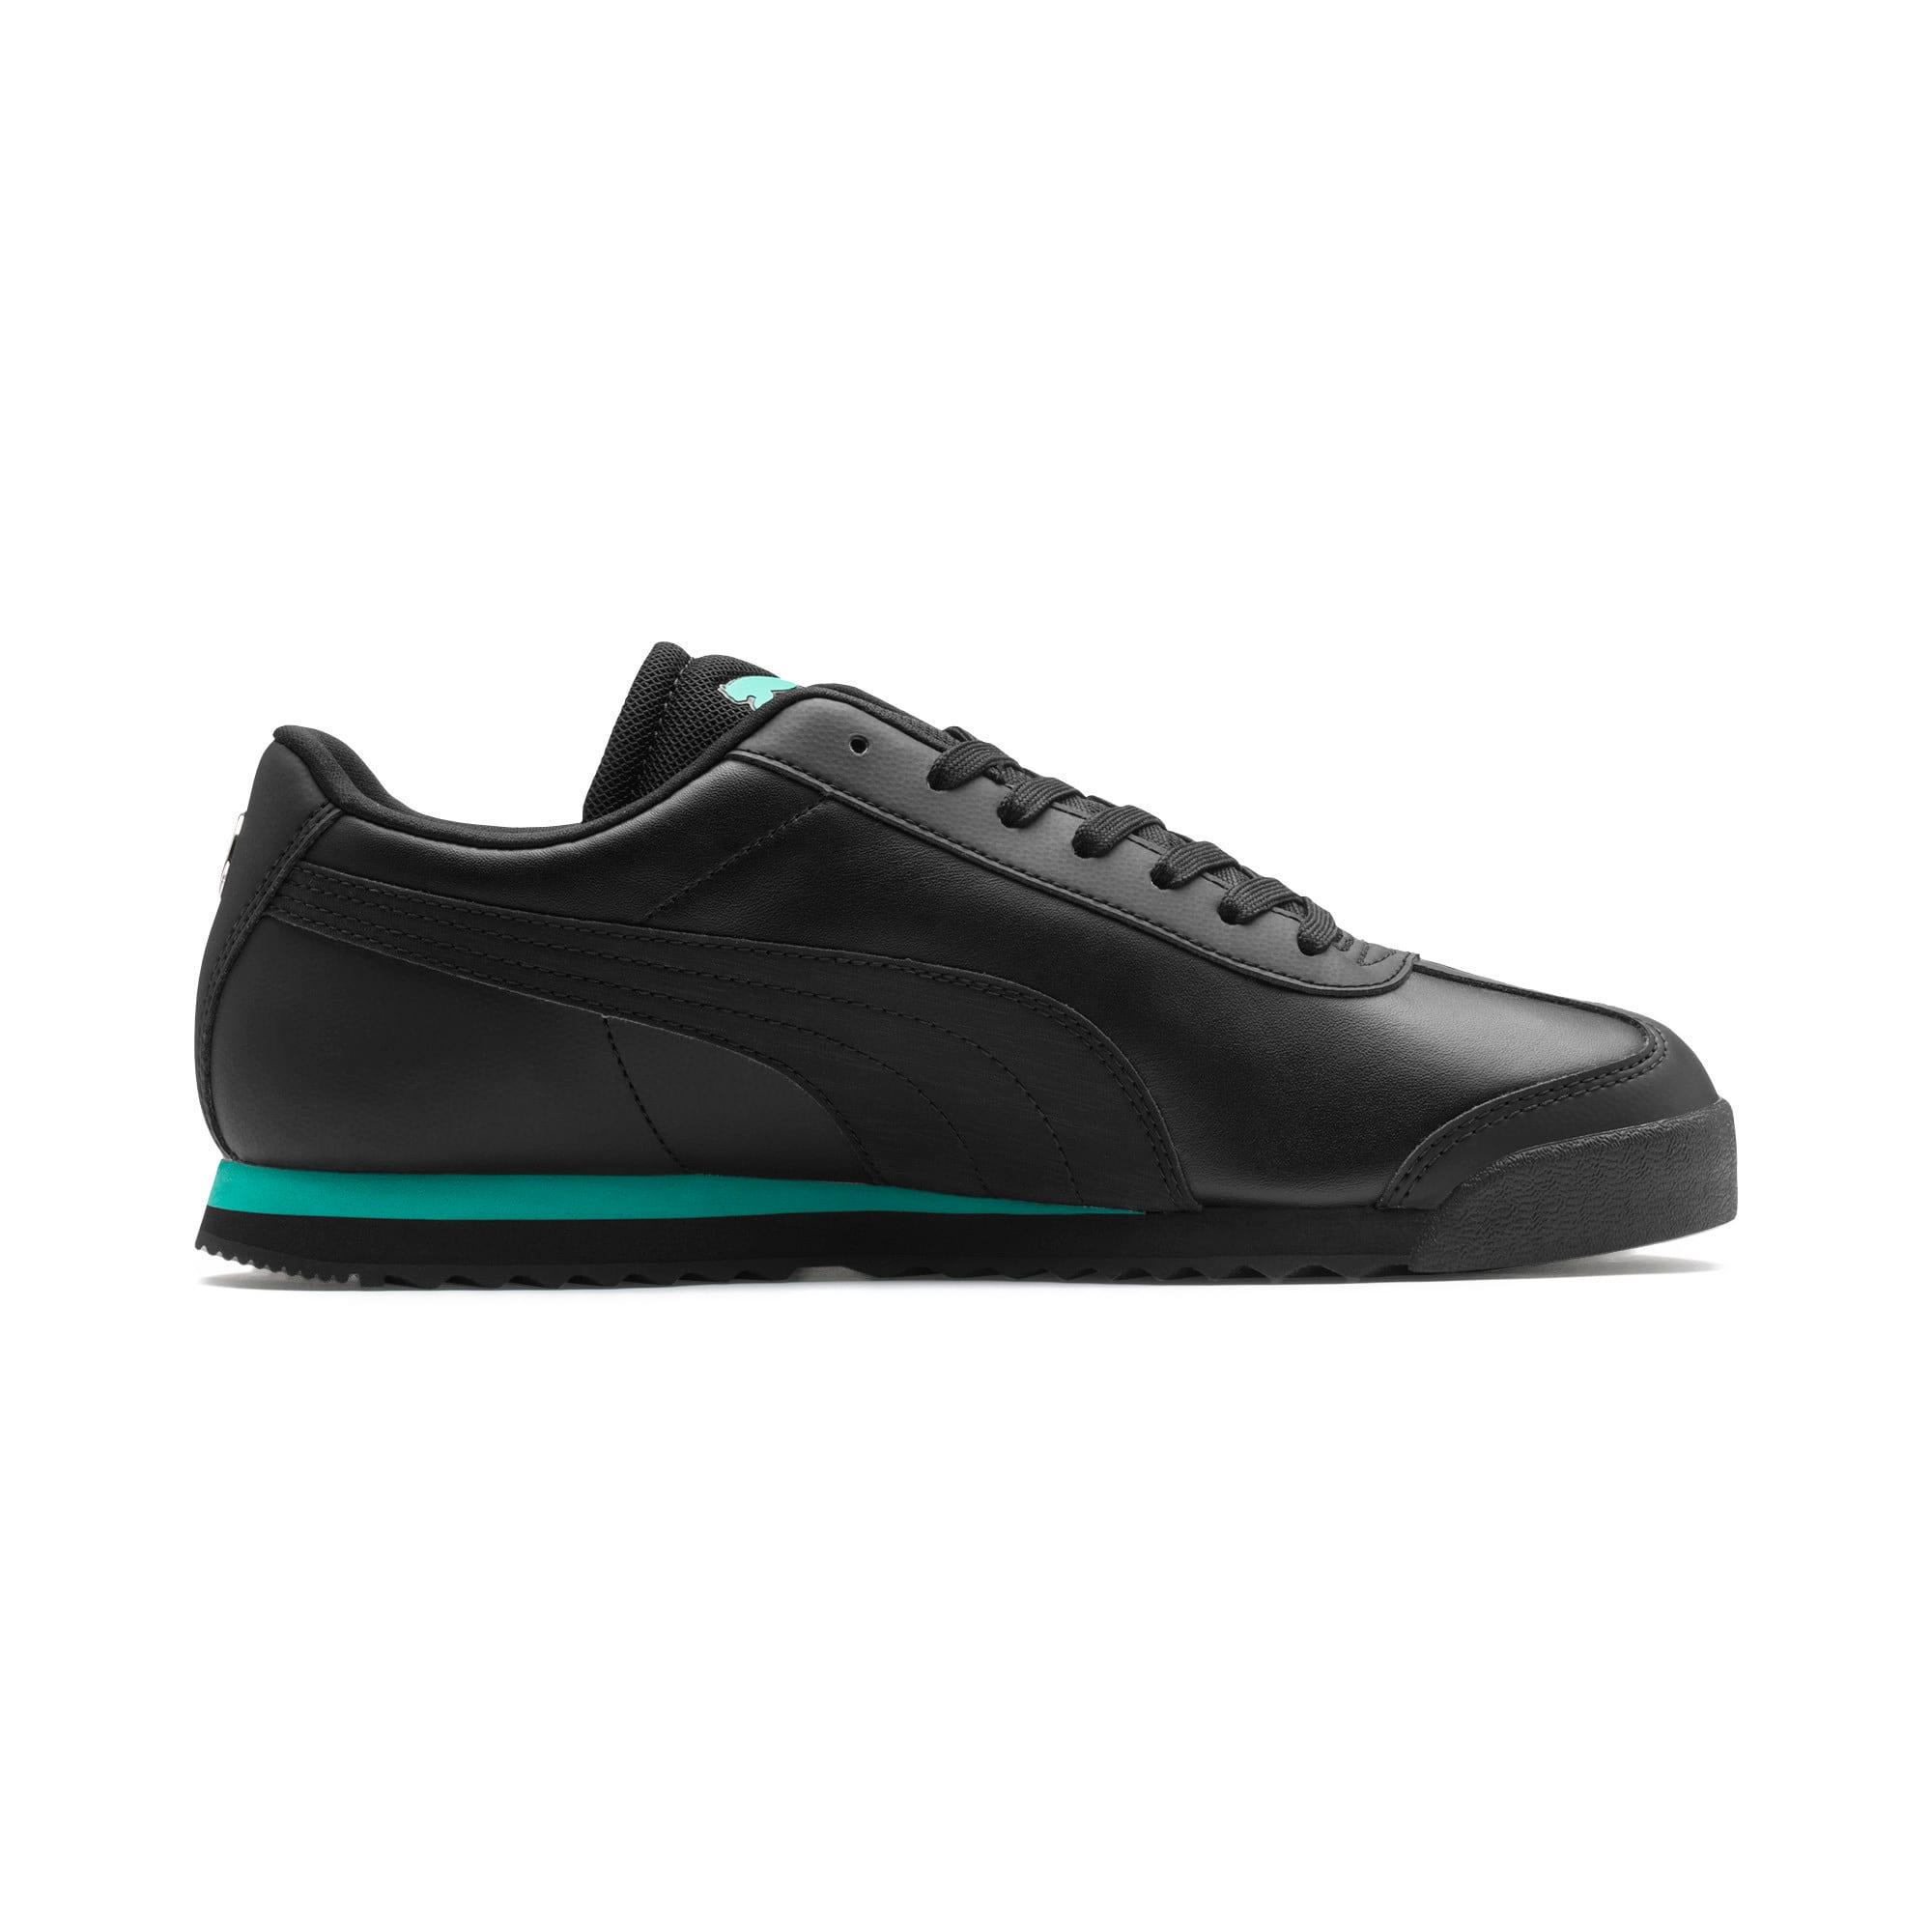 Thumbnail 6 of Mercedes AMG Petronas Roma Men's Sneakers, Puma Black-Puma Black, medium